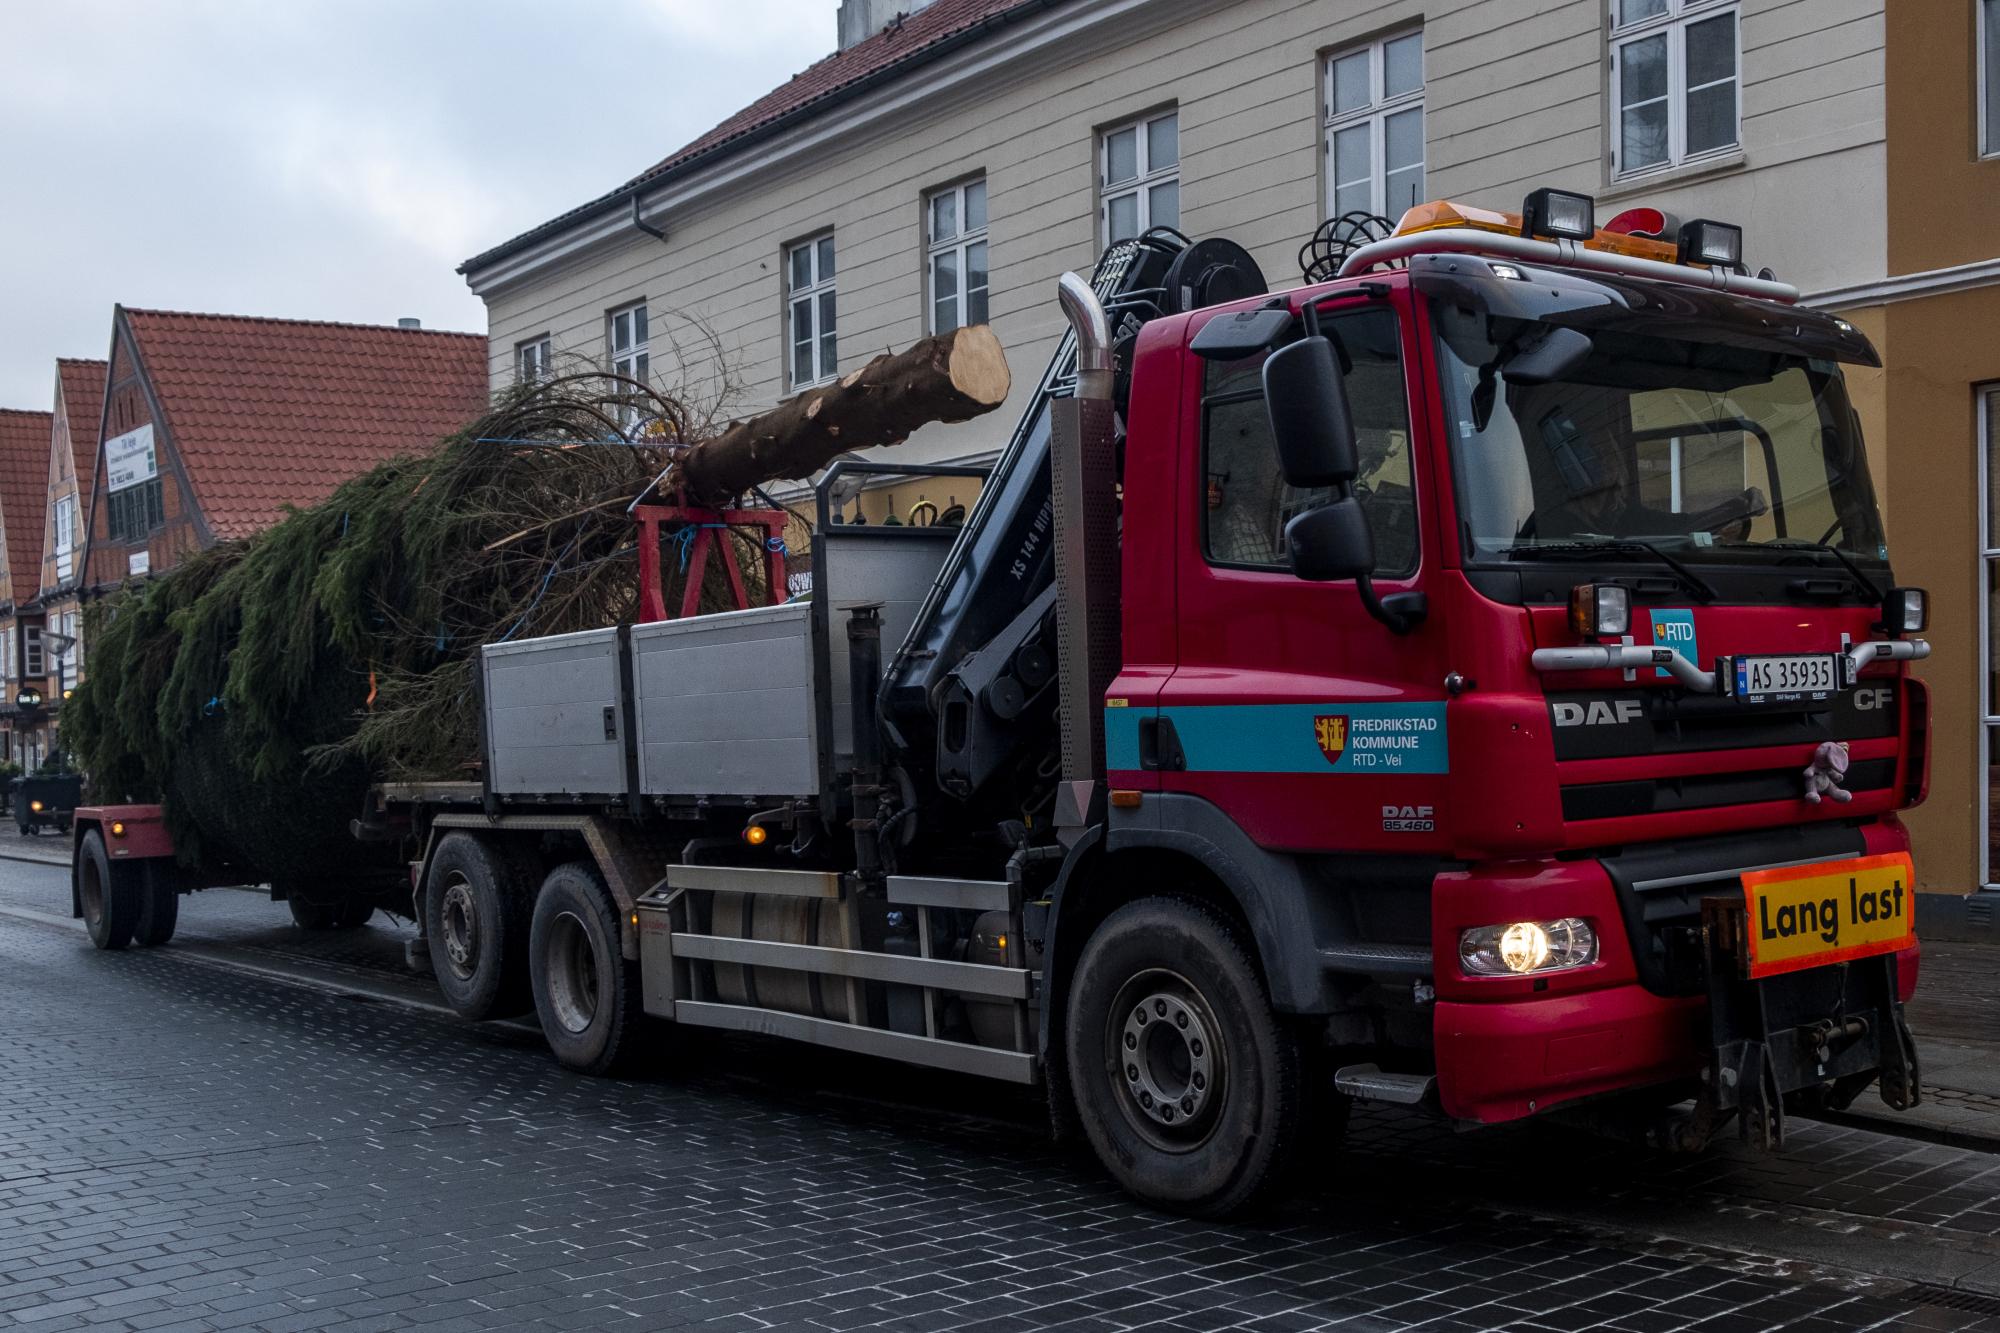 Juletræet fra Frederikstad ankom omkring klokken 8.30 til Nytorv. Foto: Lasse Sand